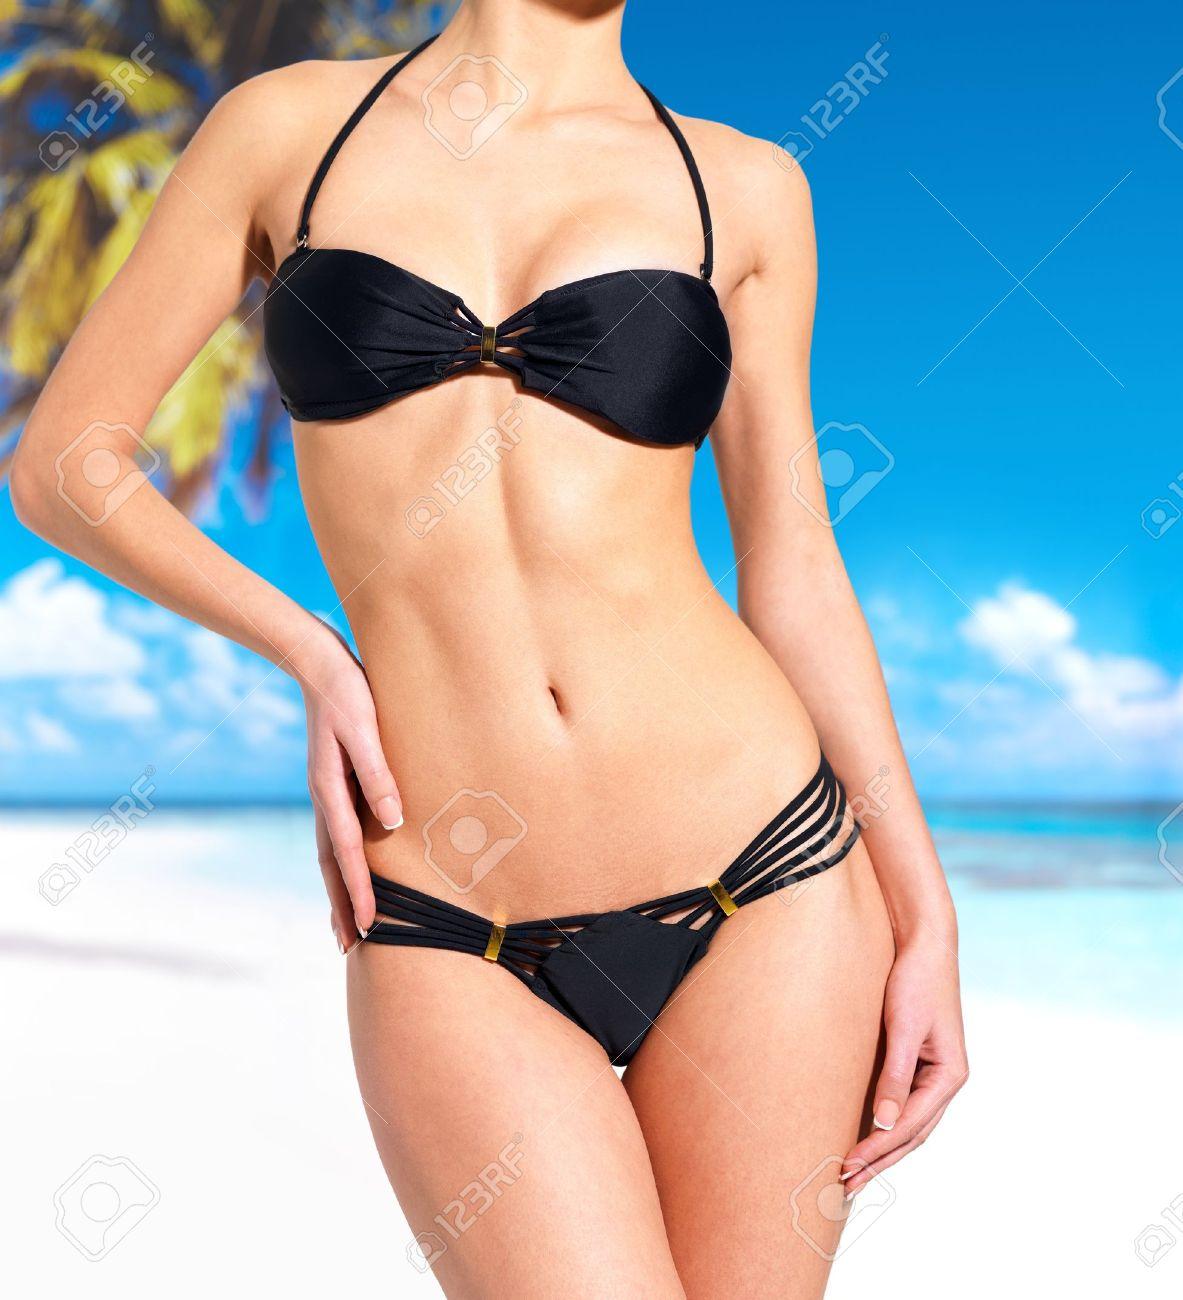 beautiful slim body of woman in bikini  at beach Stock Photo - 17450489